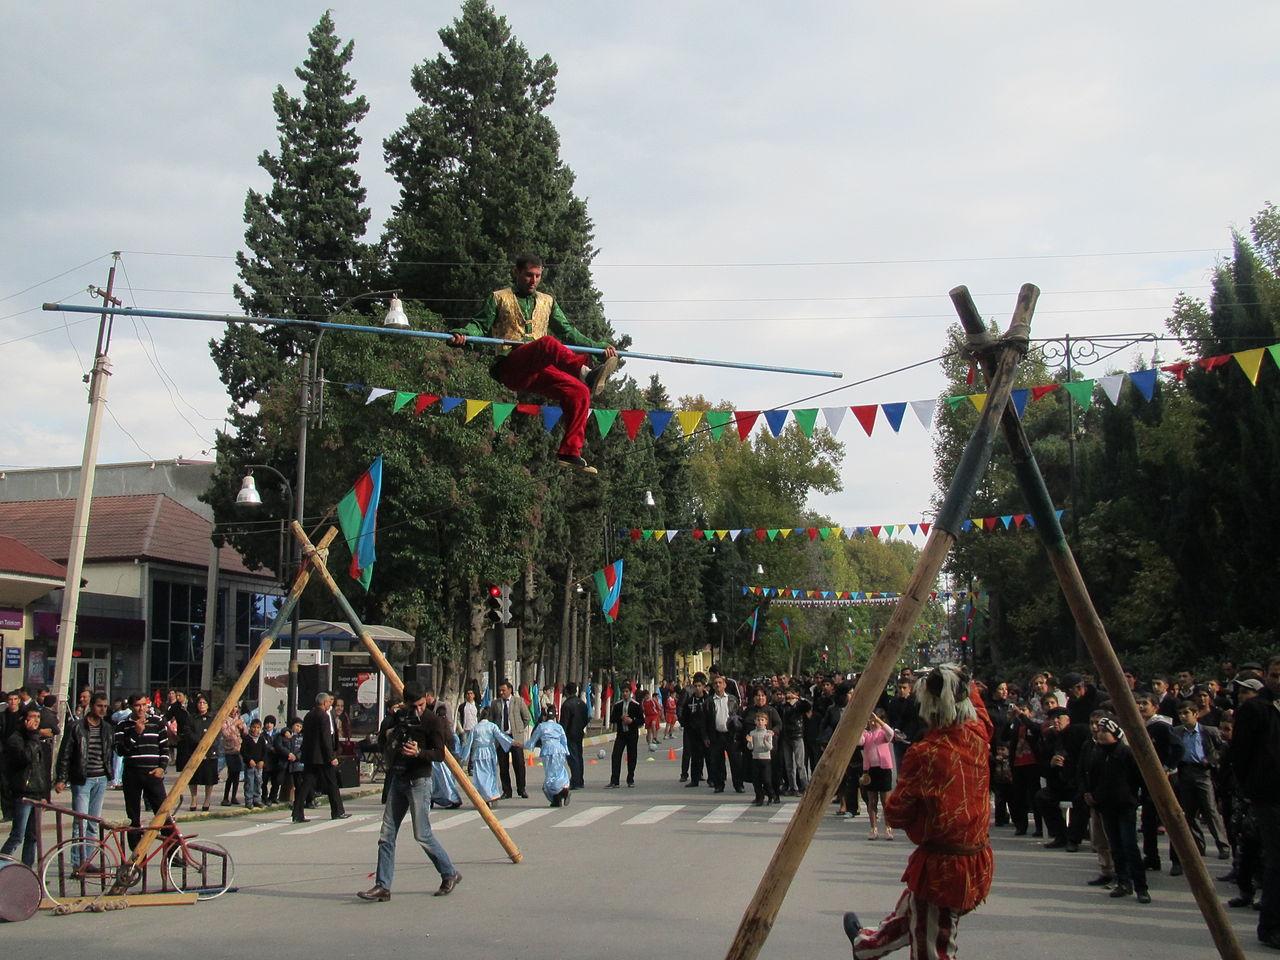 Фото Азербайджана от туристов на «Тонкостях туризма»: https://tonkosti.ru/%D0%A4%D0%BE%D1%82%D0%BE_%D0%90%D0%B7%D0%B5%D1%80%D0%B1%D0%B0%D0%B9%D0%B4%D0%B6%D0%B0%D0%BD%D0%B0